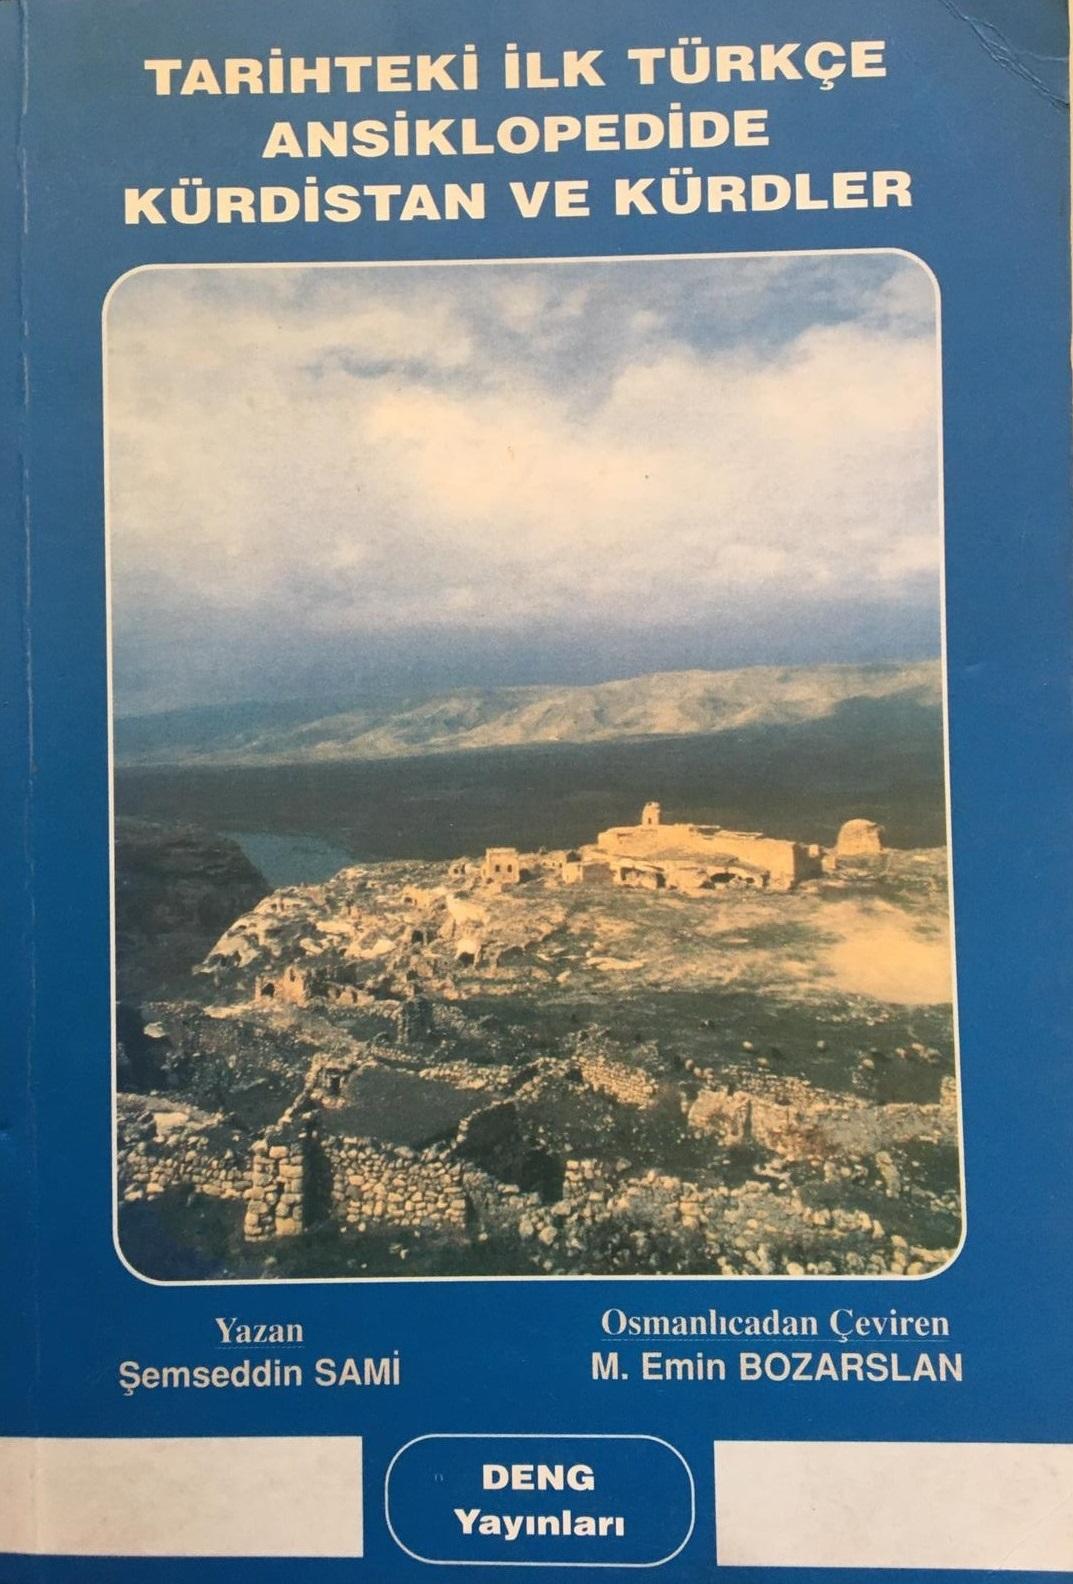 Tarihte İlk Türkçe Ansiklopedide Kürdistan ve Kürtler Kitap Resmi